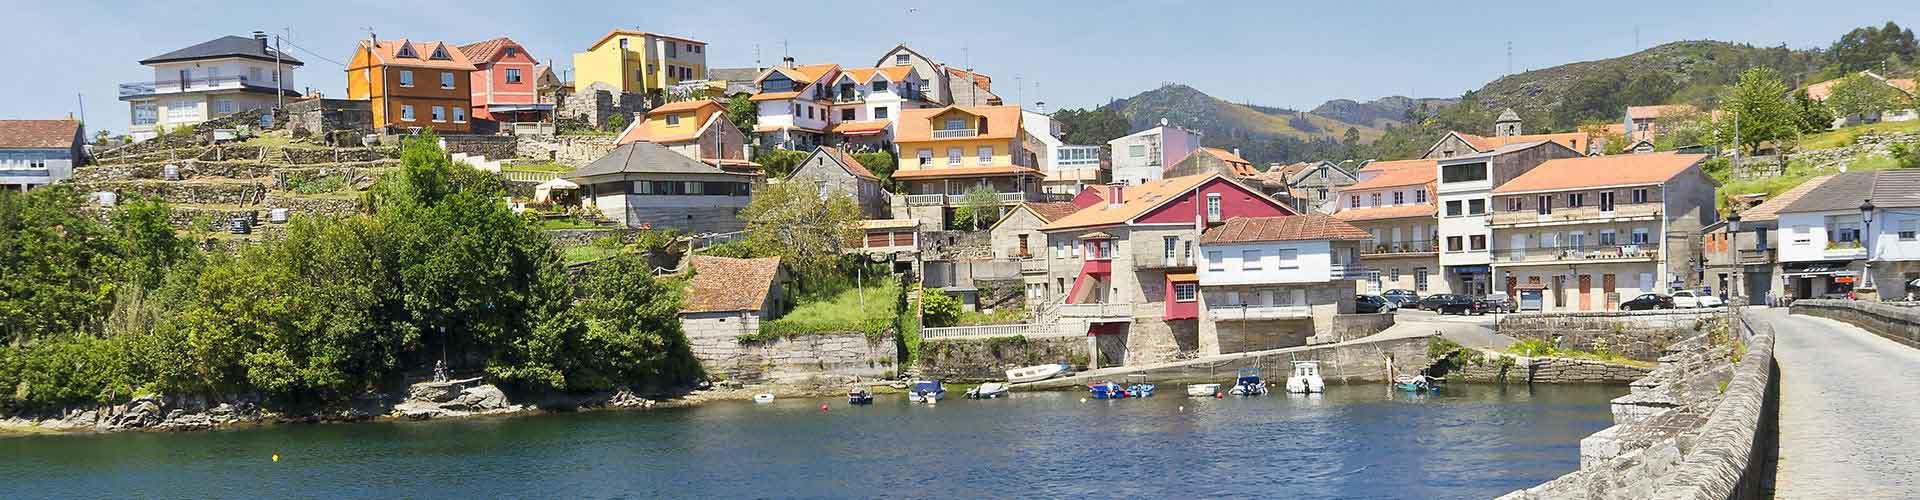 Vigo - Habitaciones en Vigo. Mapas de Vigo, Fotos y comentarios de cada Habitación en Vigo.